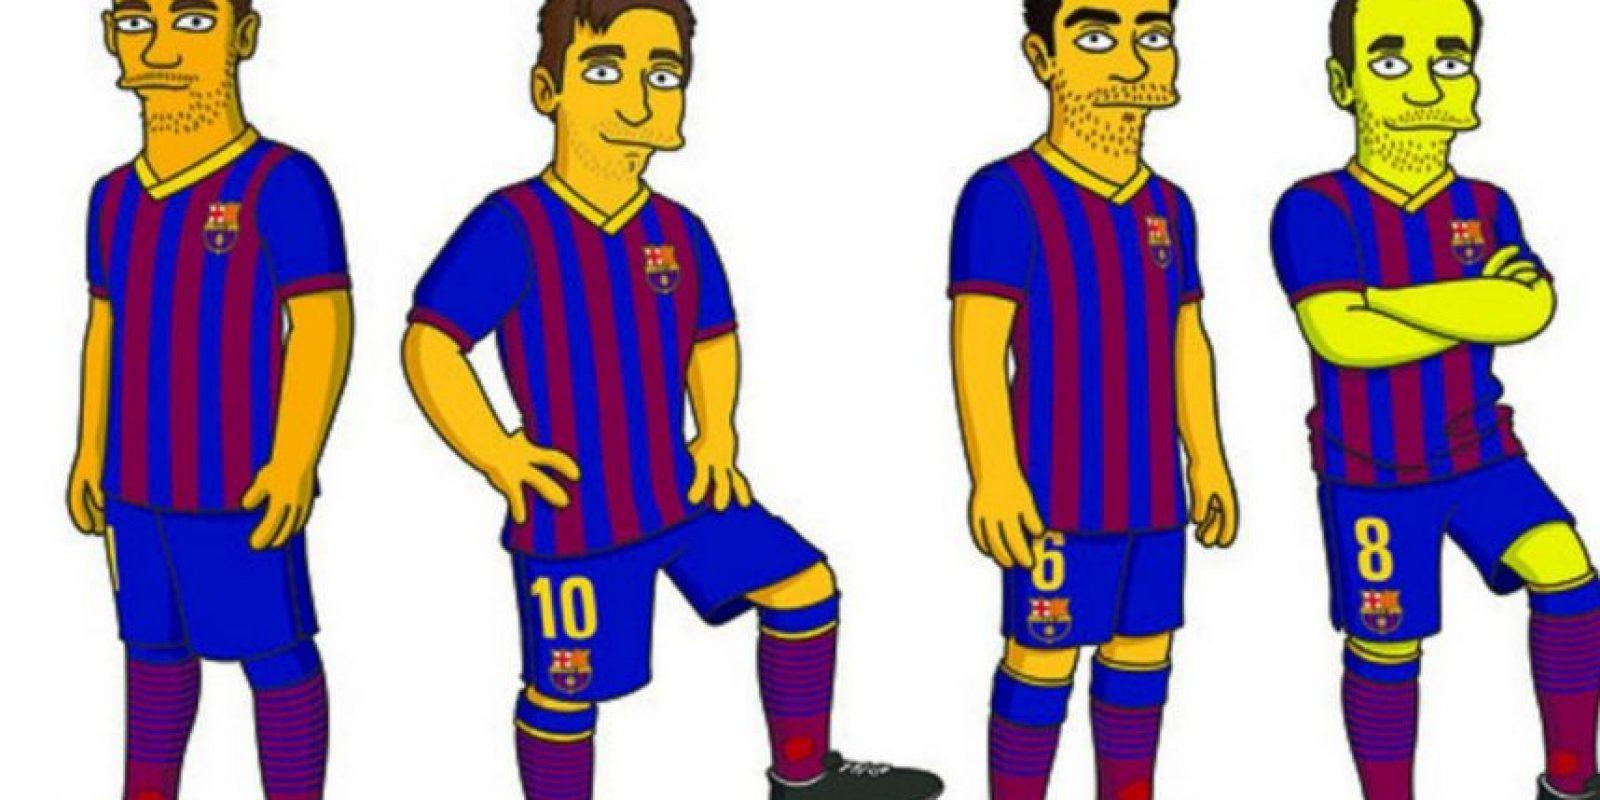 Jugadores del Barcelona de España. Foto:FOX